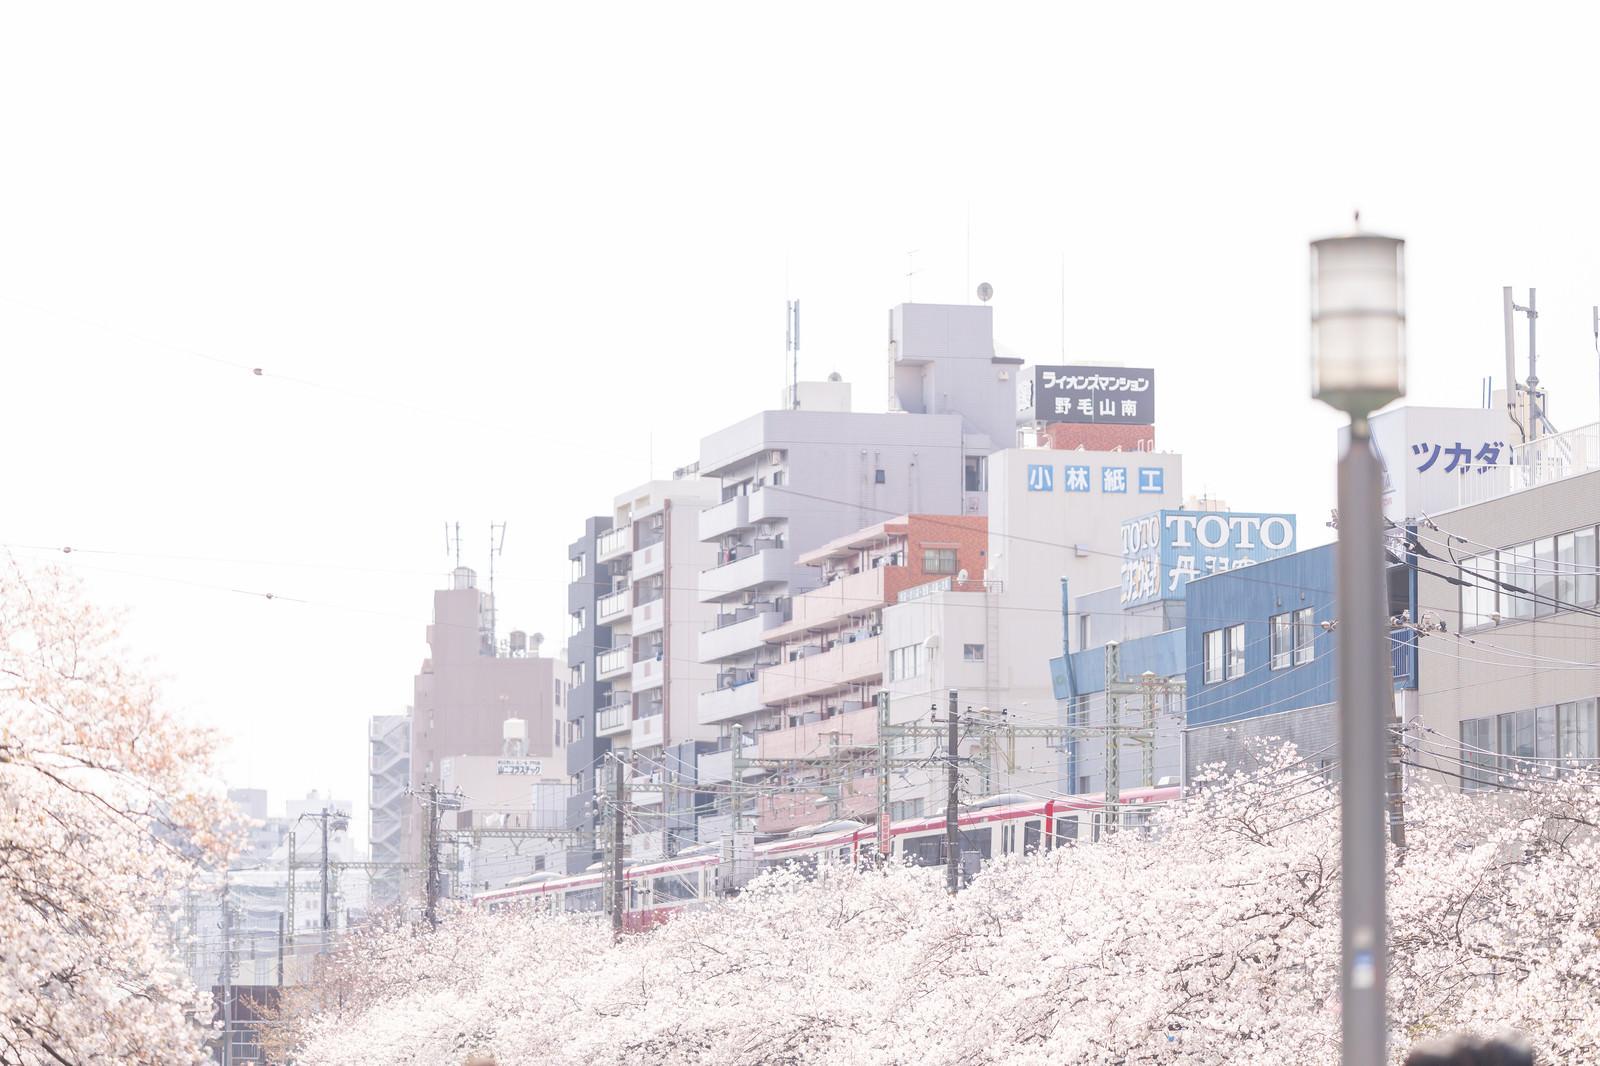 「桜並木沿いを走る京急電車と街並み」の写真